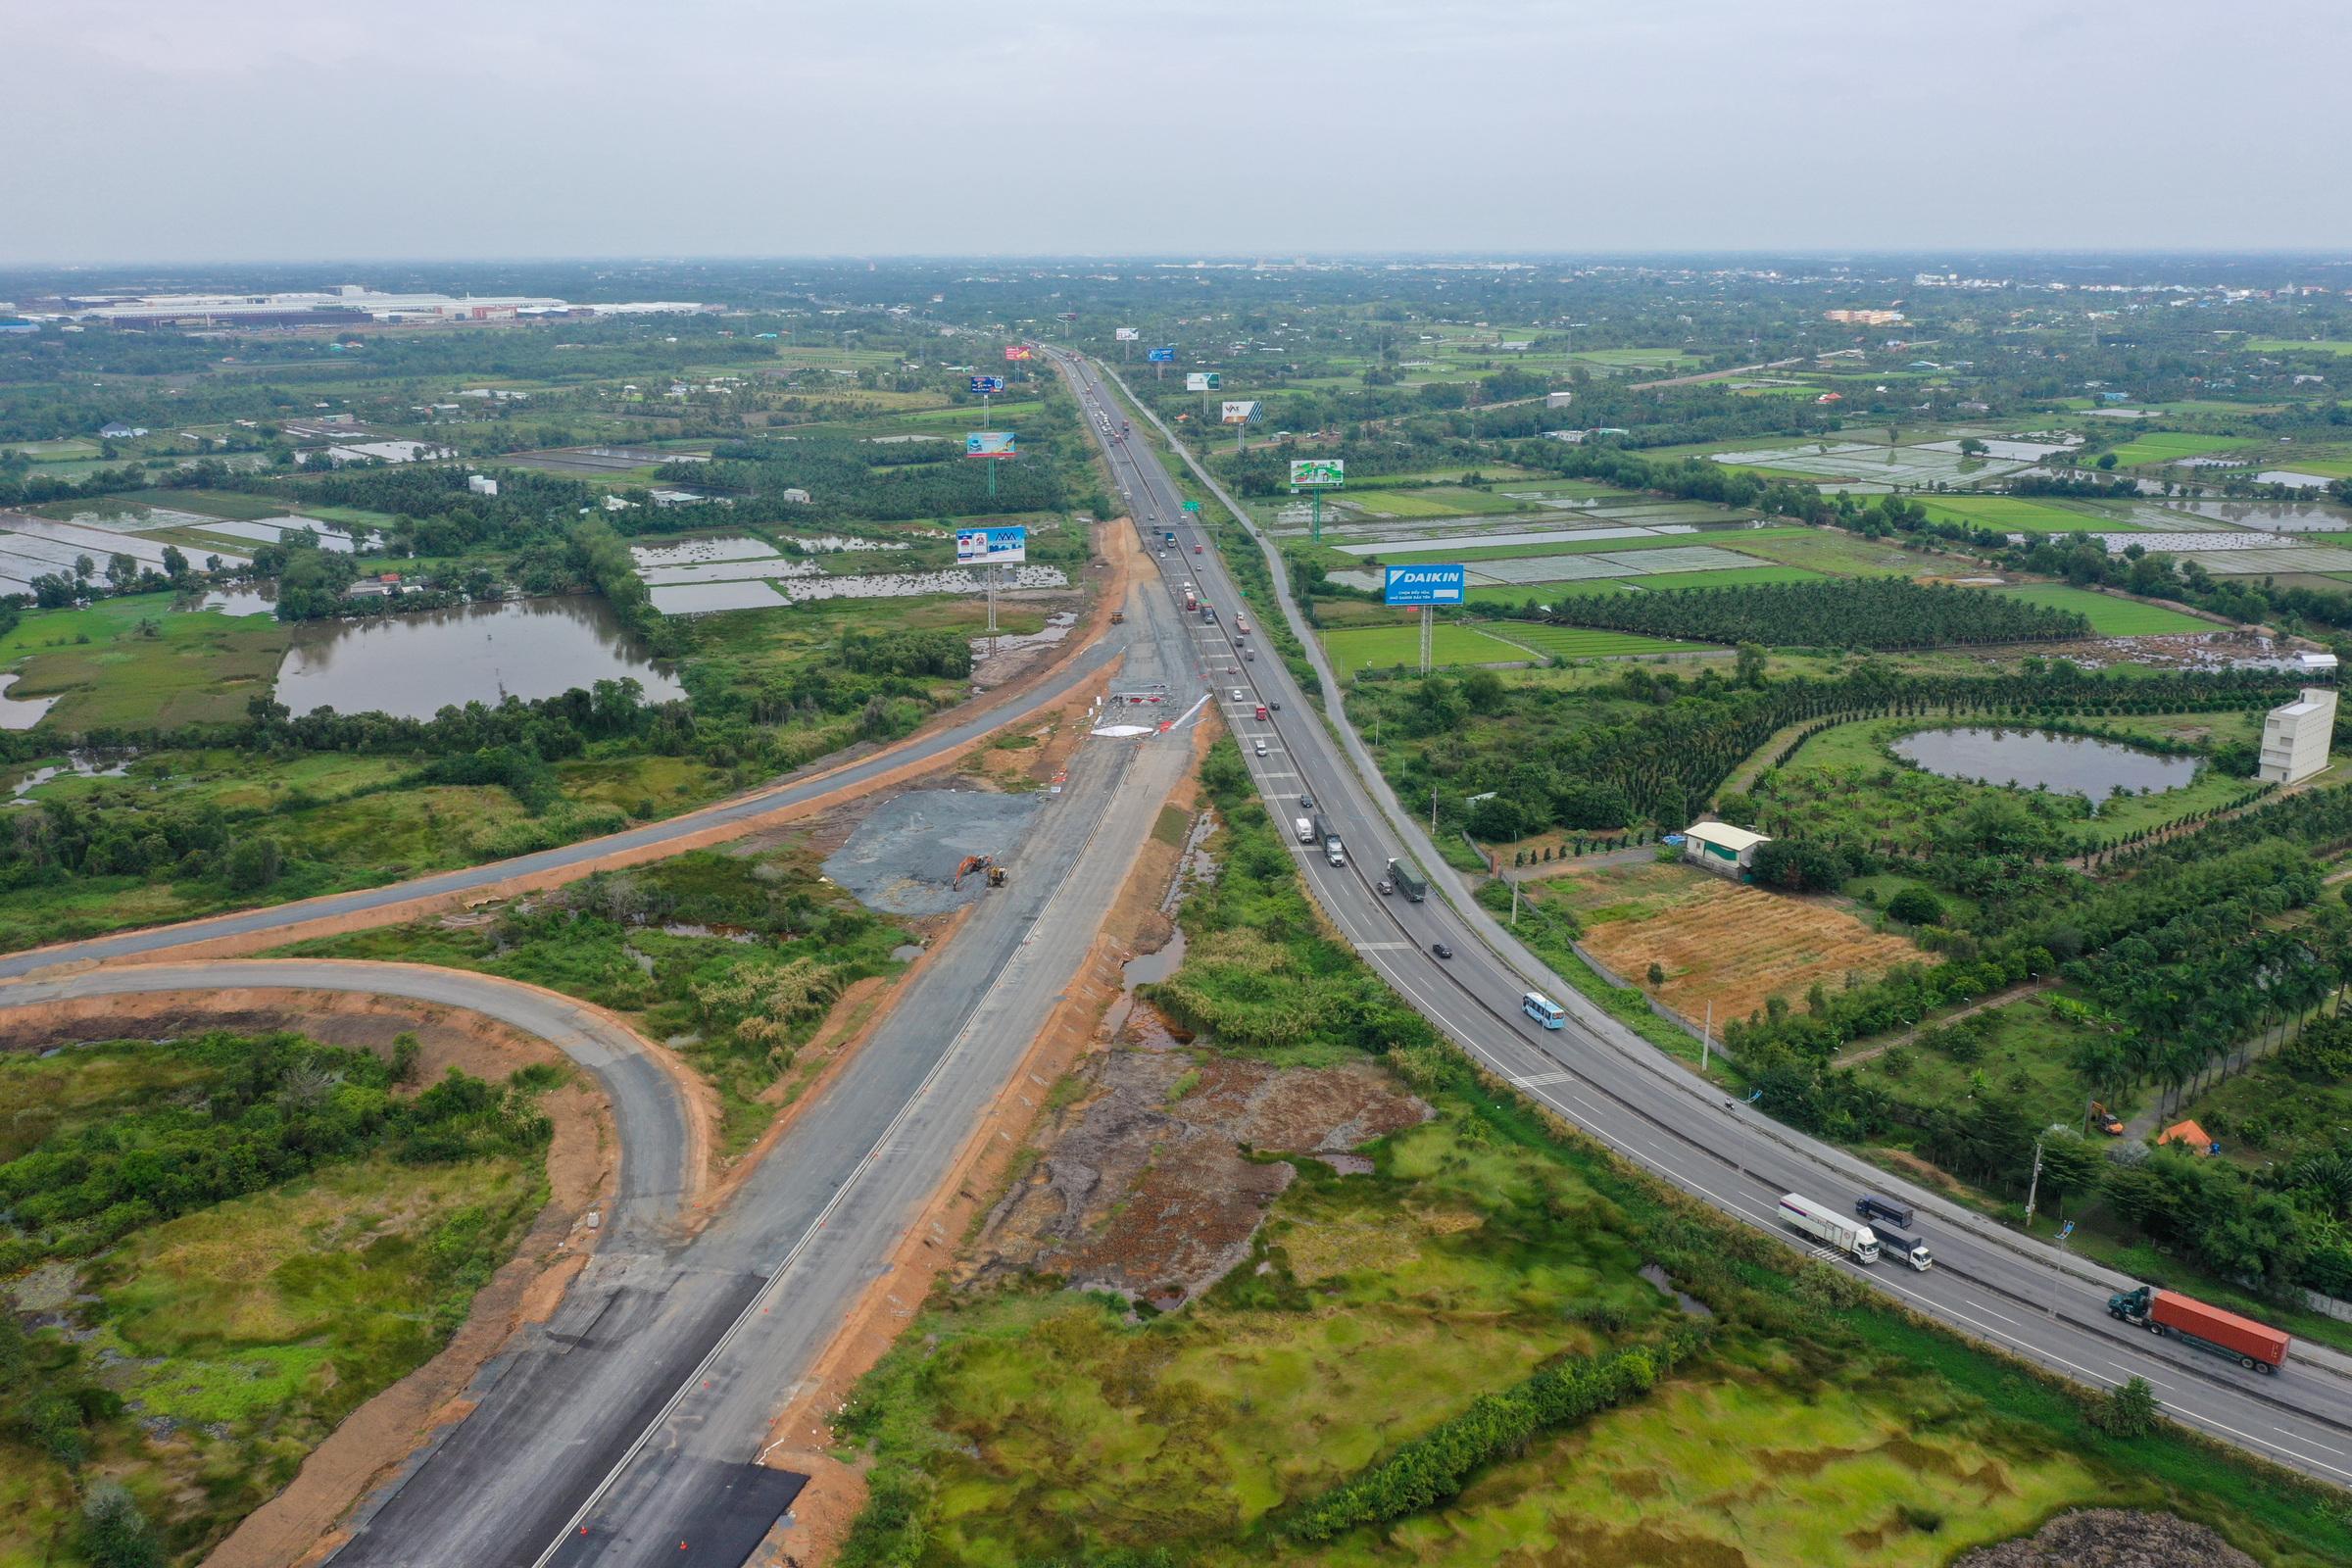 Cao tốc Trung Lương - Mỹ Thuận qua tỉnh Tiền Giang, tháng 1/2021. Đây là một trong những công trình gỡ nút thắt về hạ tầng giao thông cho miền Tây. Ảnh: Quỳnh Trần